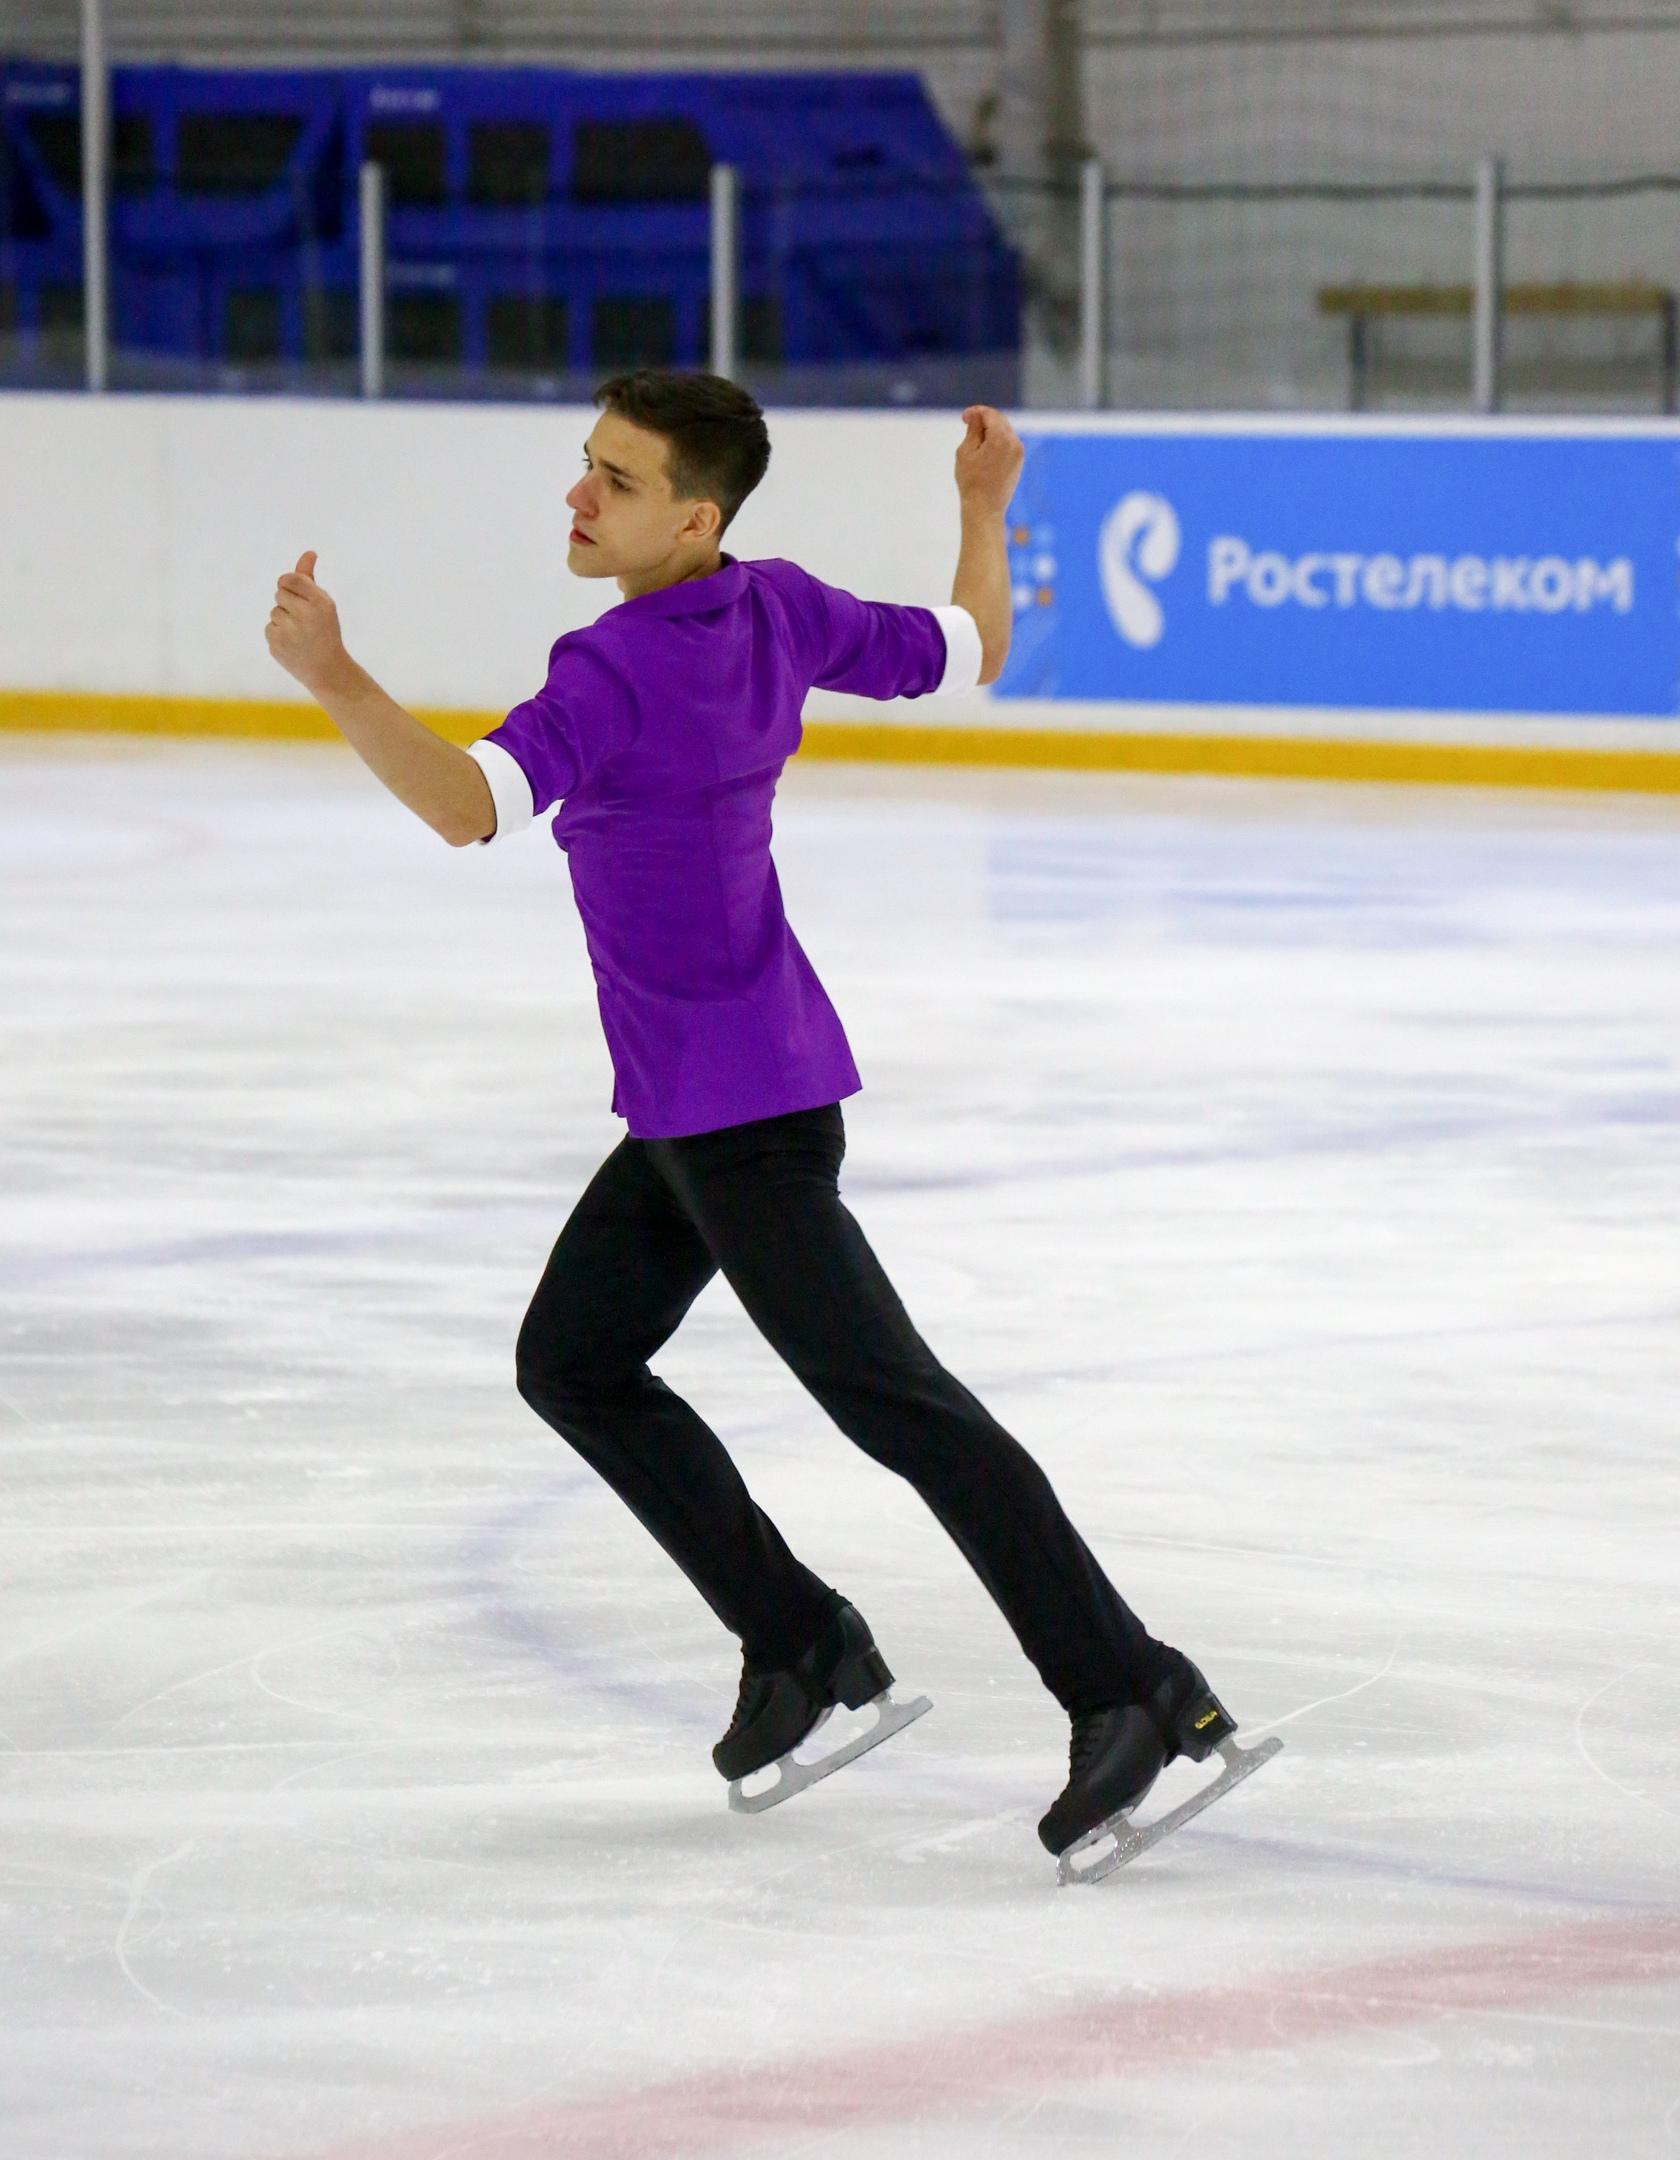 Российские соревнования сезона 2018-2019 (общая) 3InwUUlxCUg